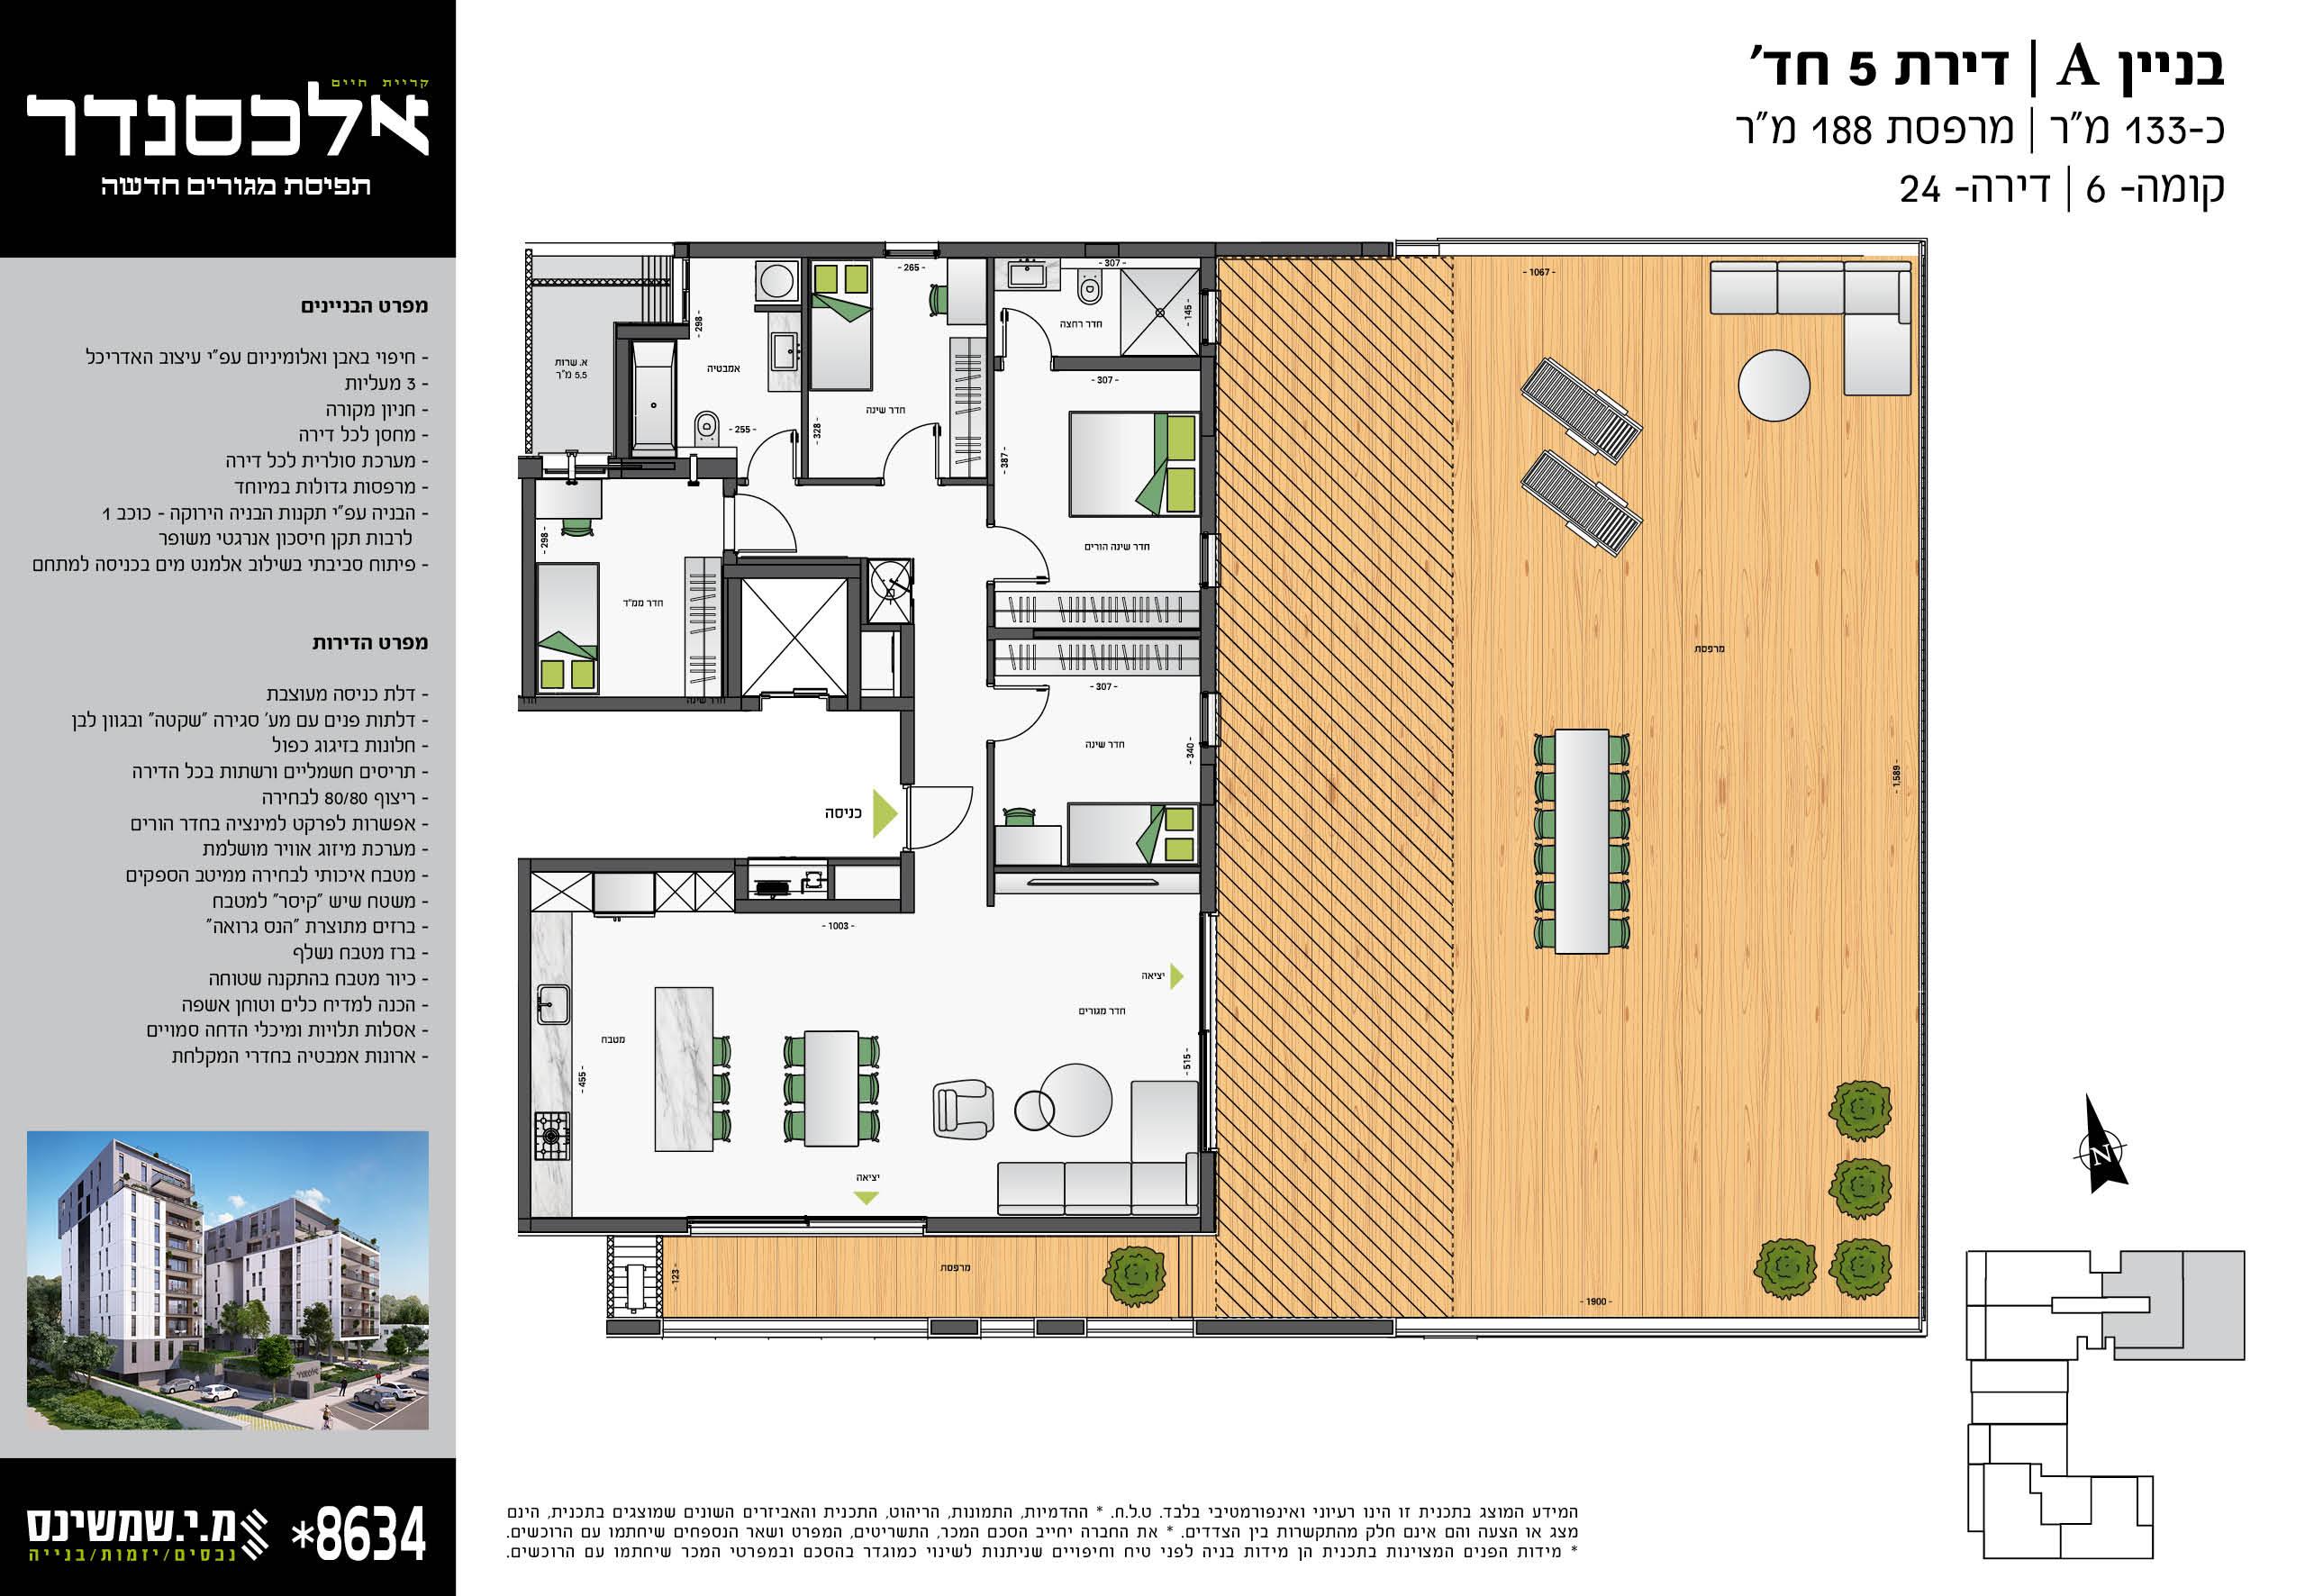 דירה 24